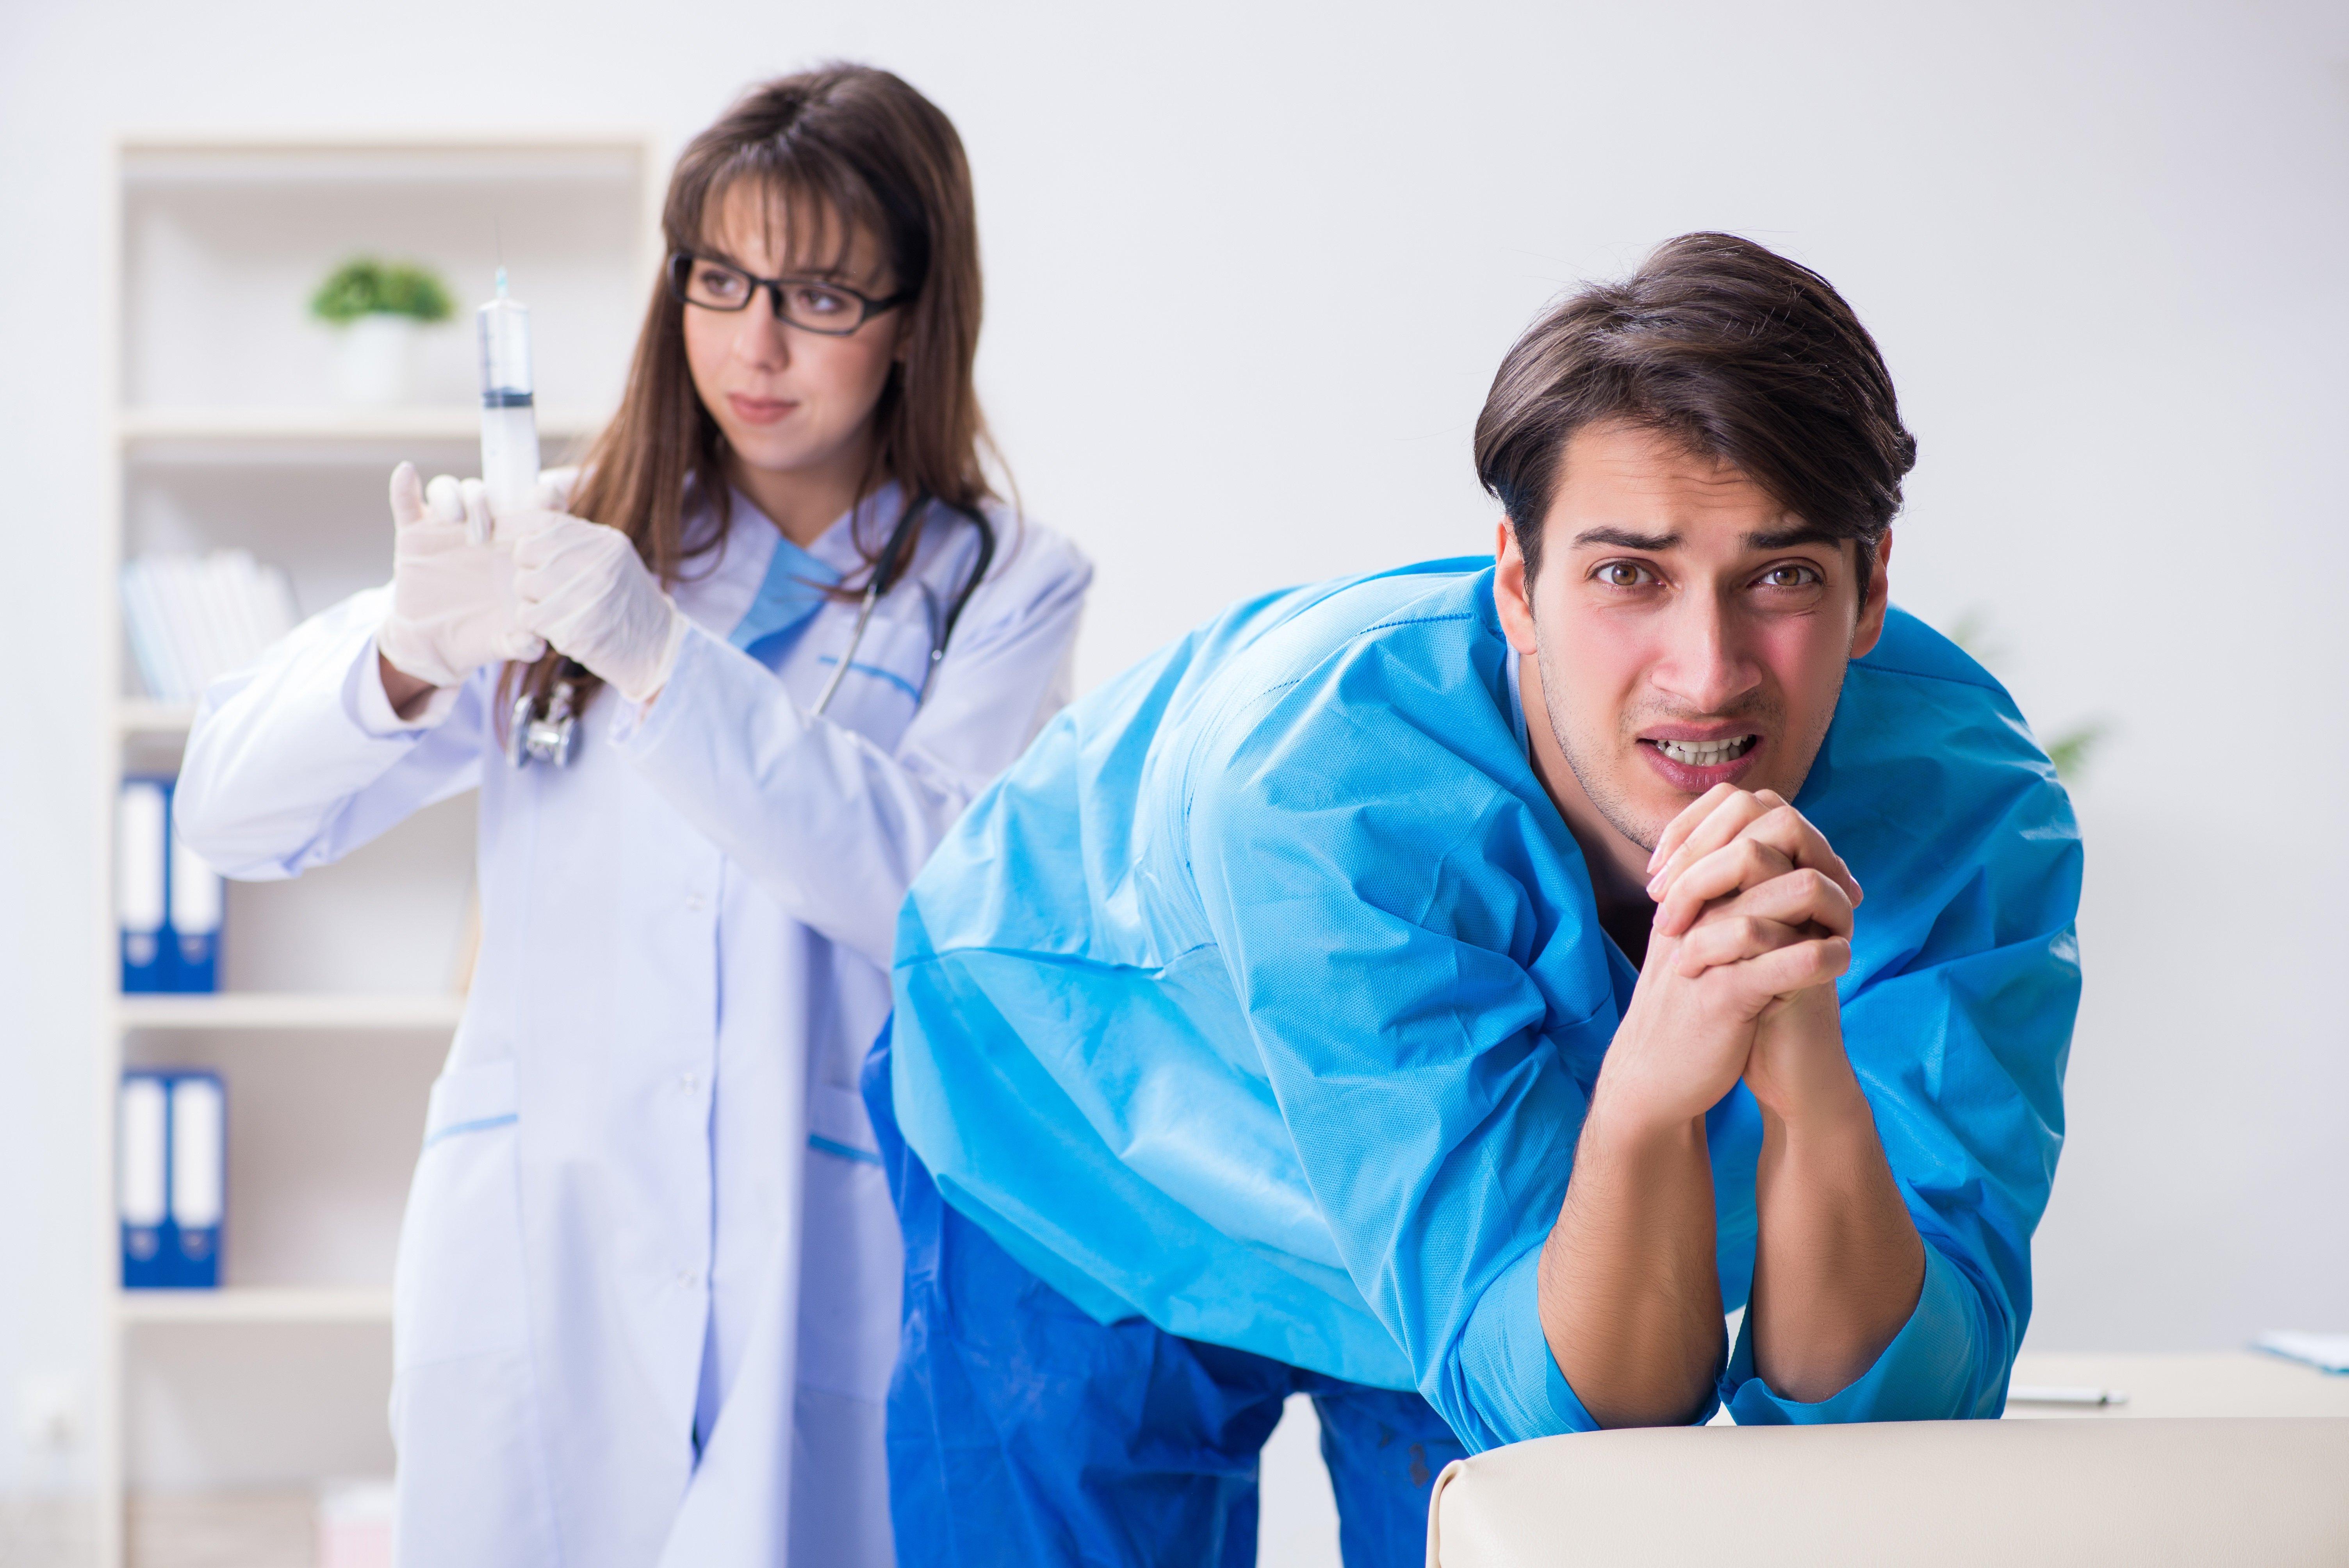 Berufshaftpflichtversicherung für Medizinstudenten